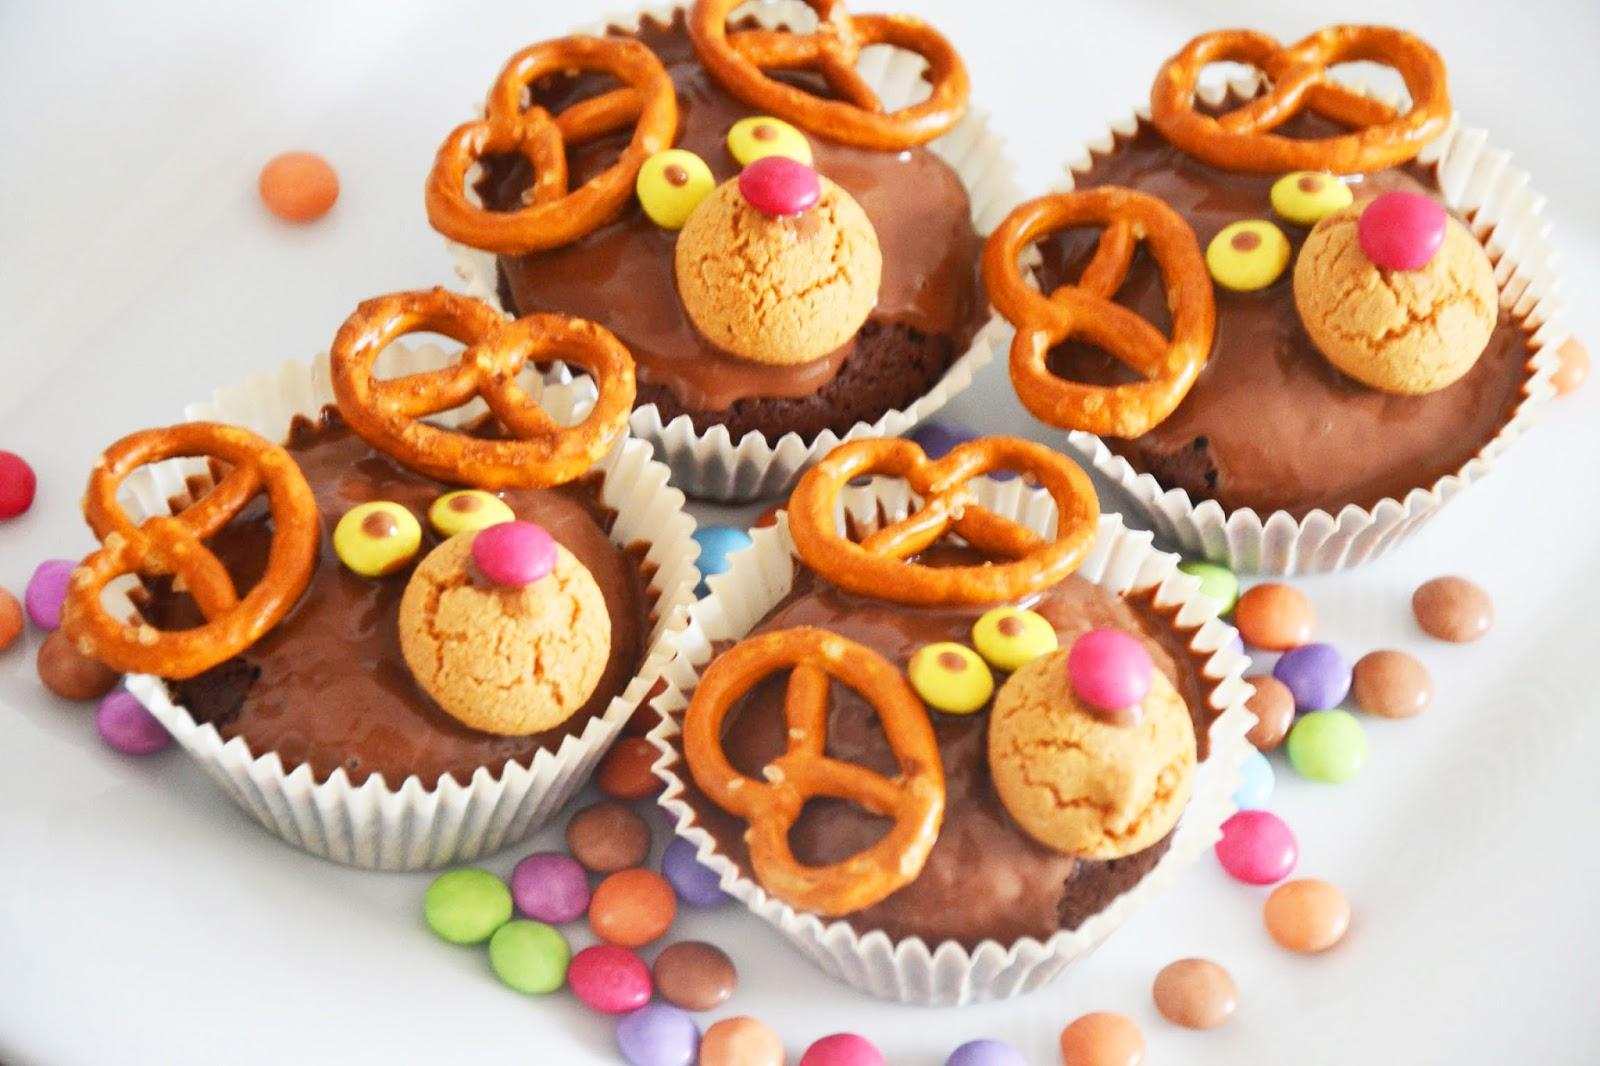 Recettes de Noël - Muffins Rudolf – une recette gourmande à faire avec vos enfants